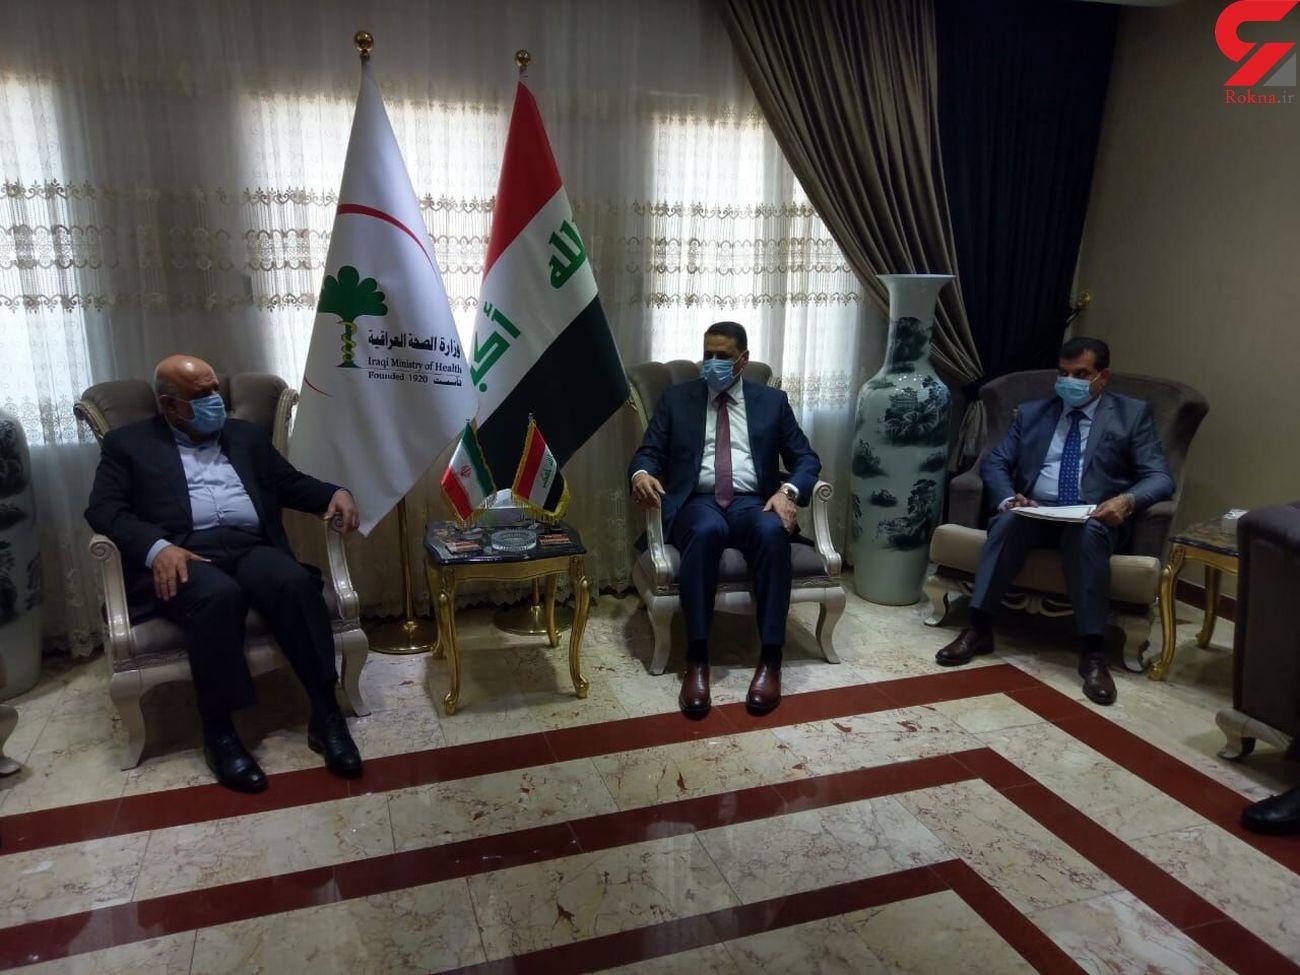 سفیر ایران و وزیر بهداشت عراق درباره تردد زوار عتبات گفت وگو کردند